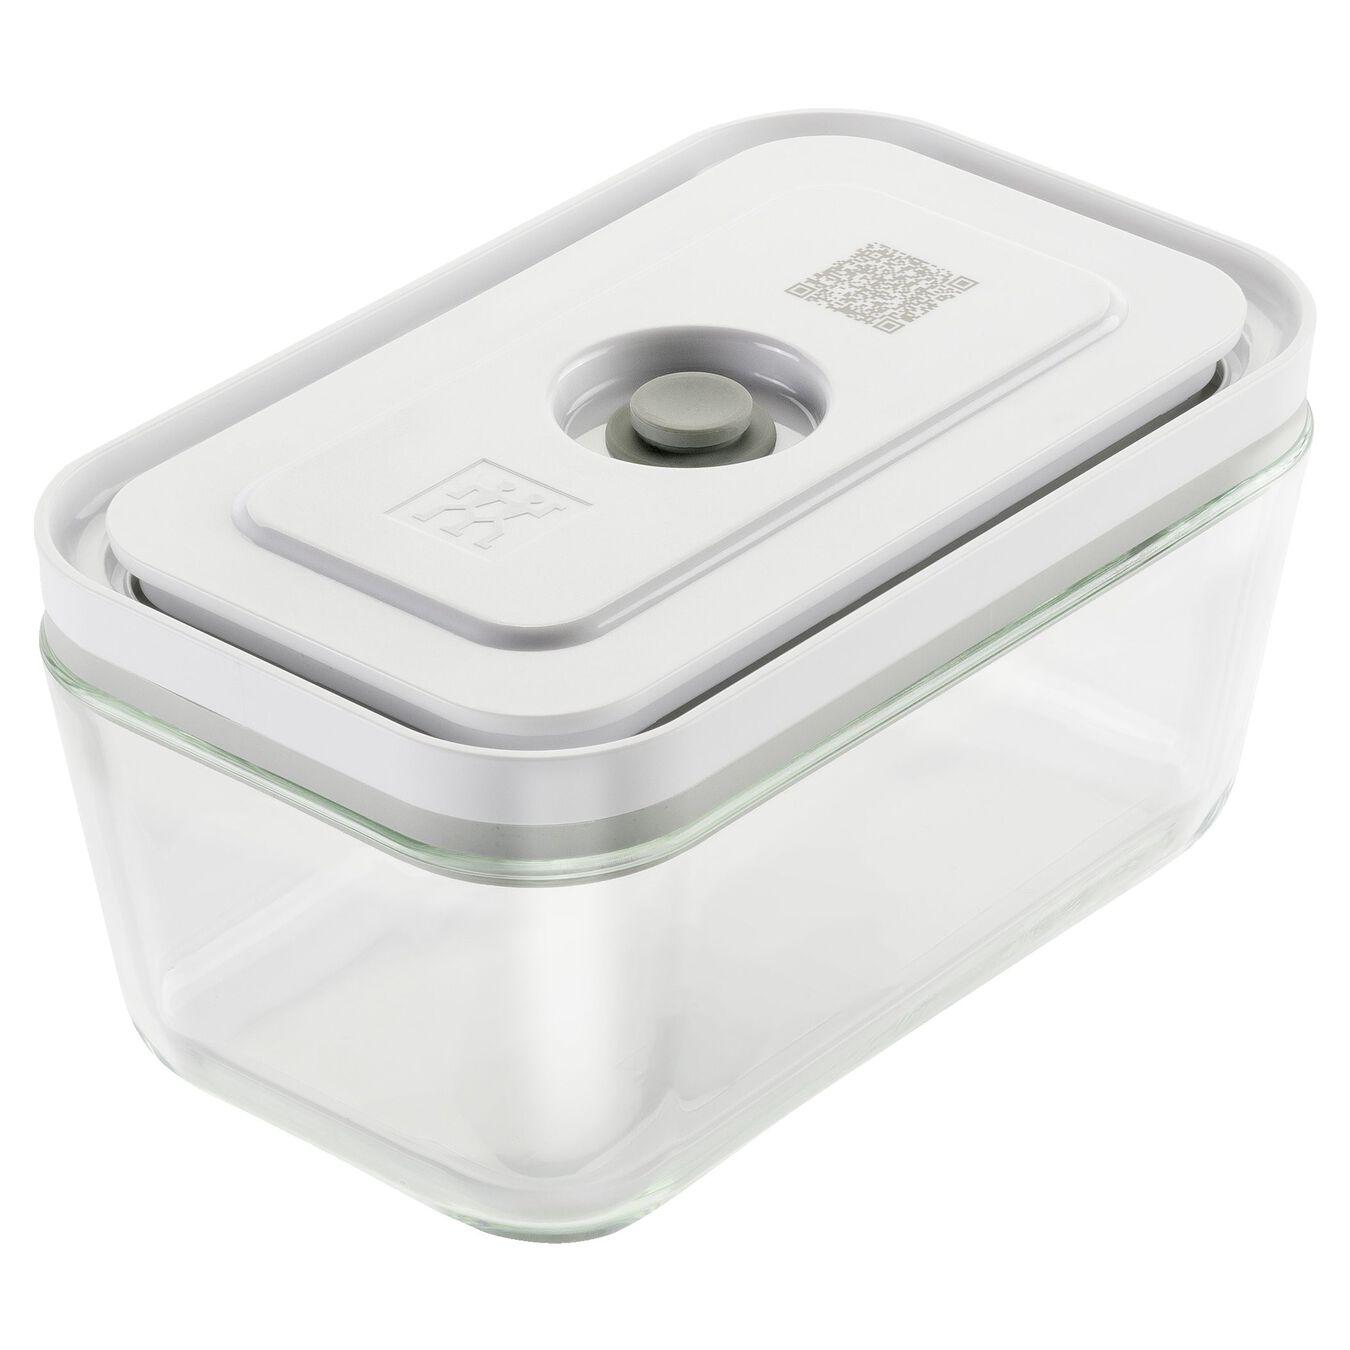 borosilicate glass / medium/large Vacuum starter set, 7-pc ,,large 11